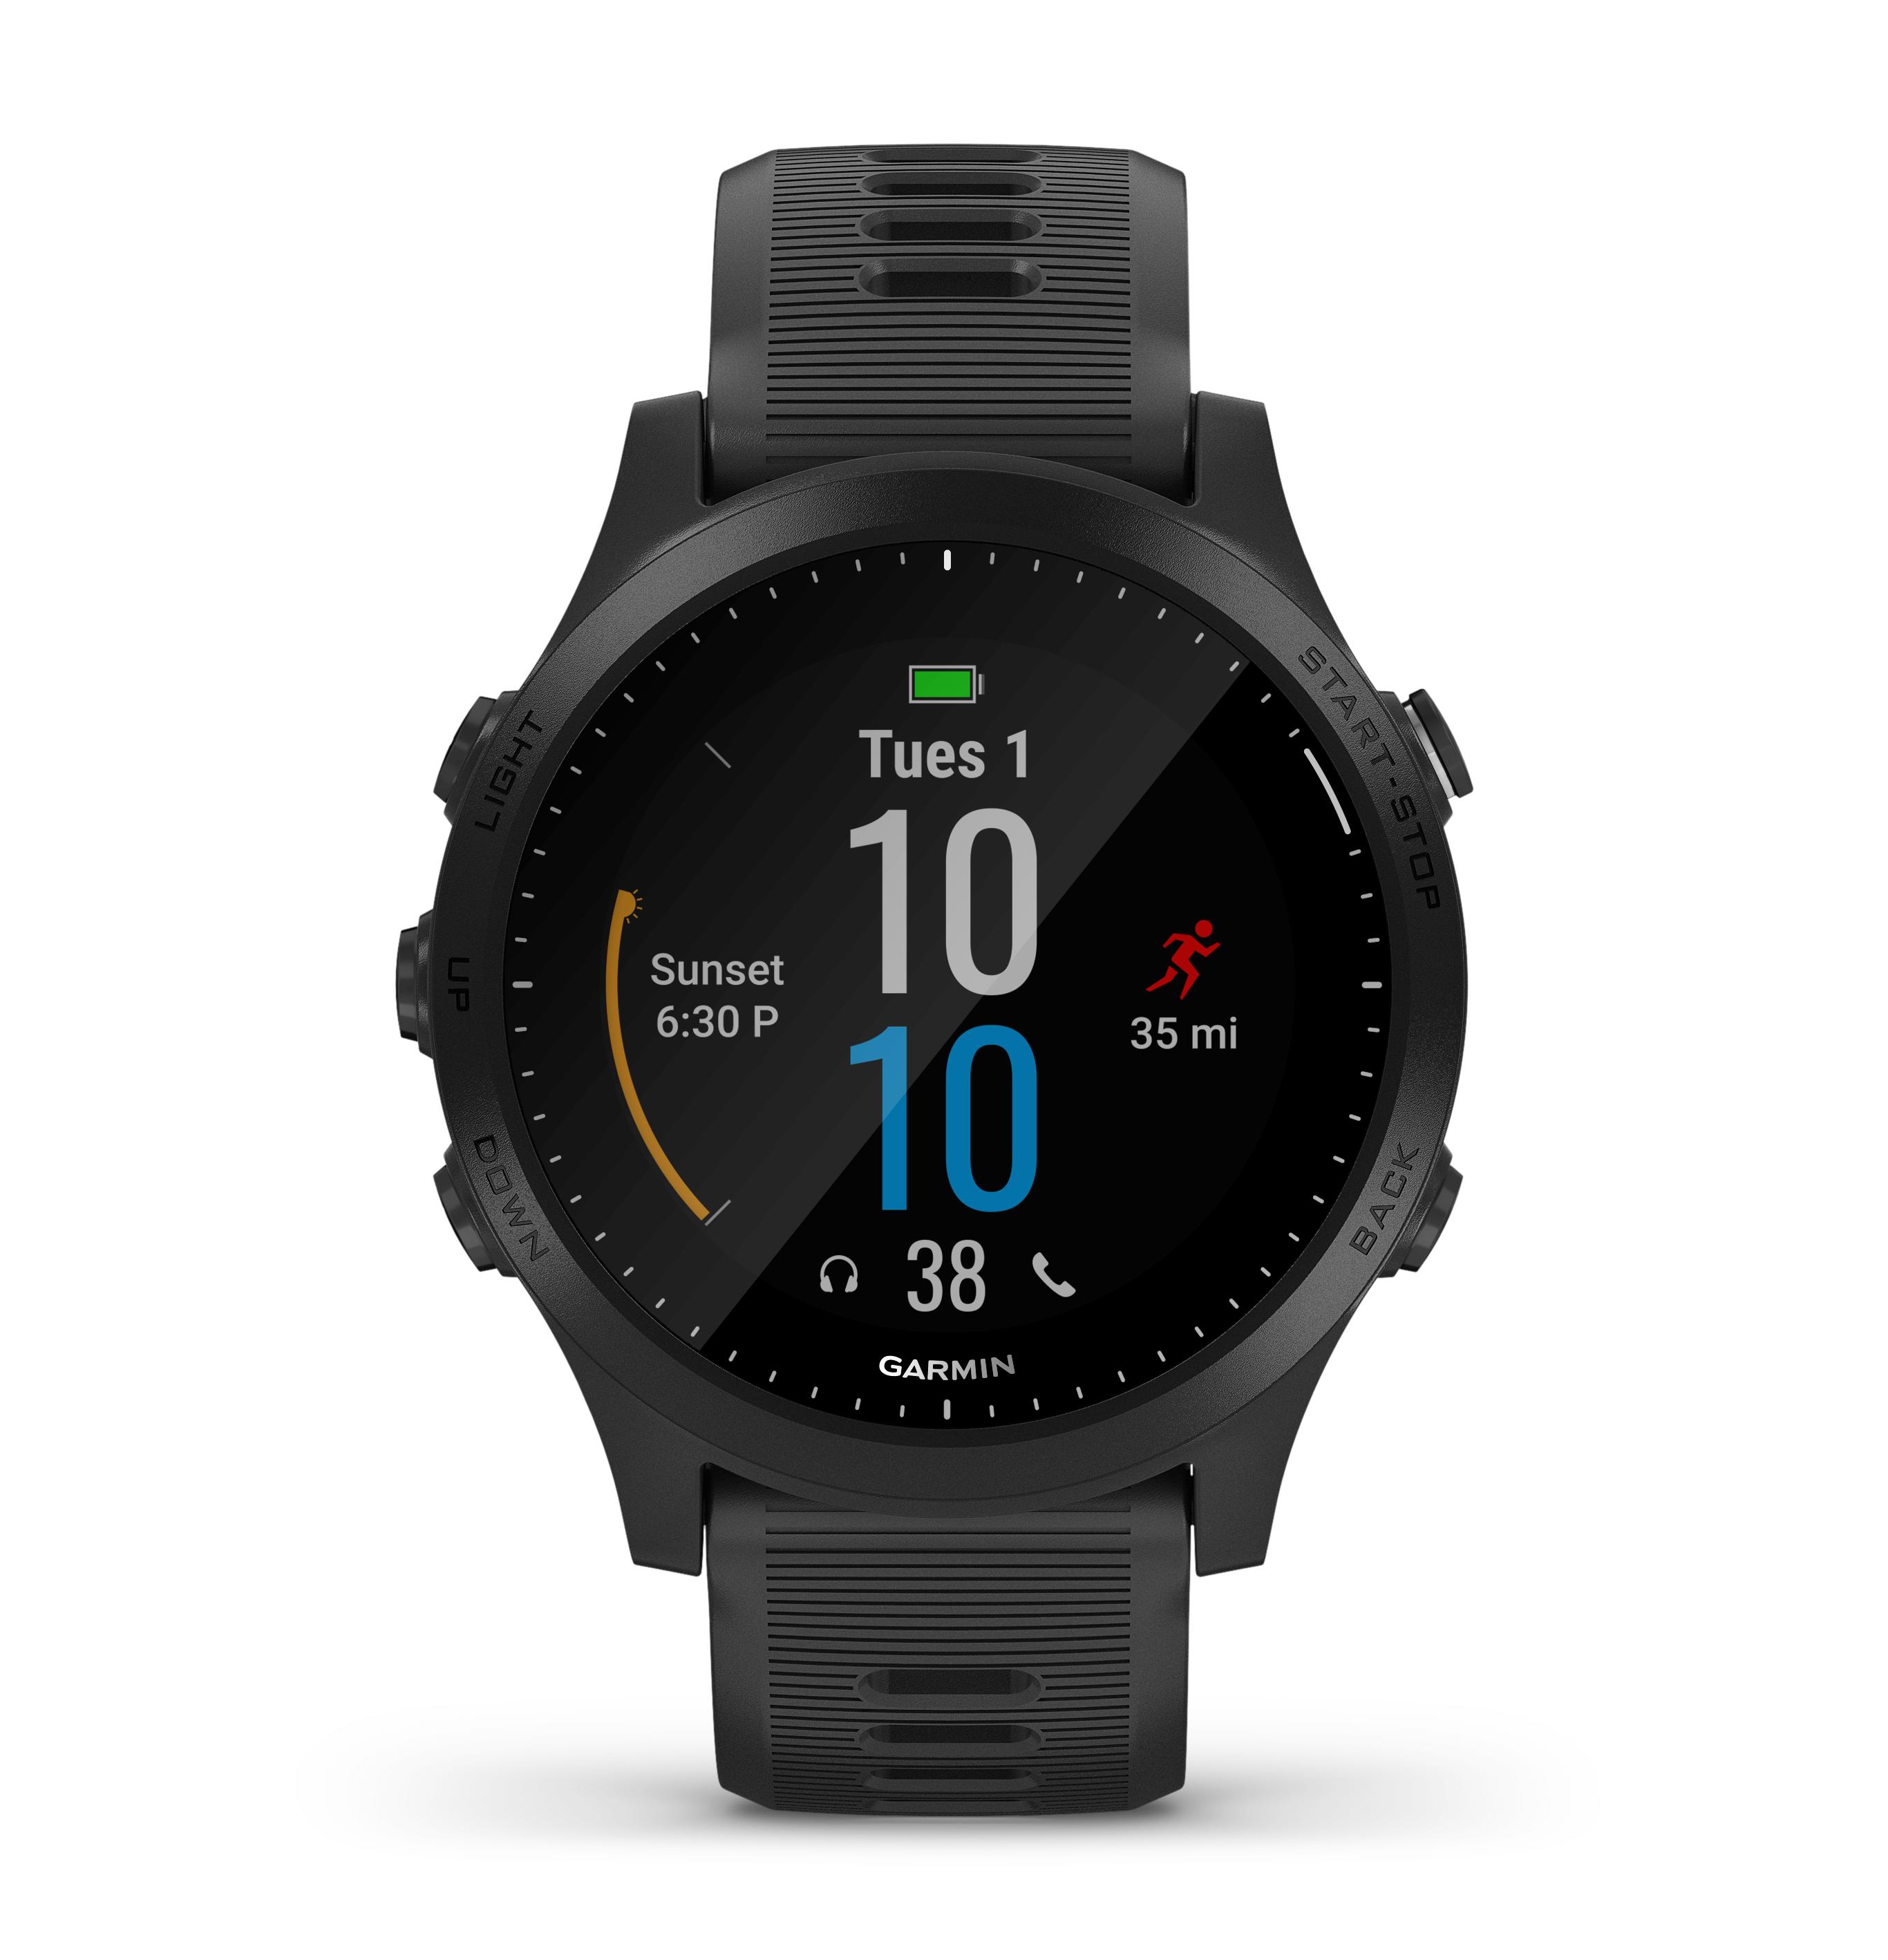 Garmin Gps Watch >> Garmin Forerunner 945 Premium Gps Watch